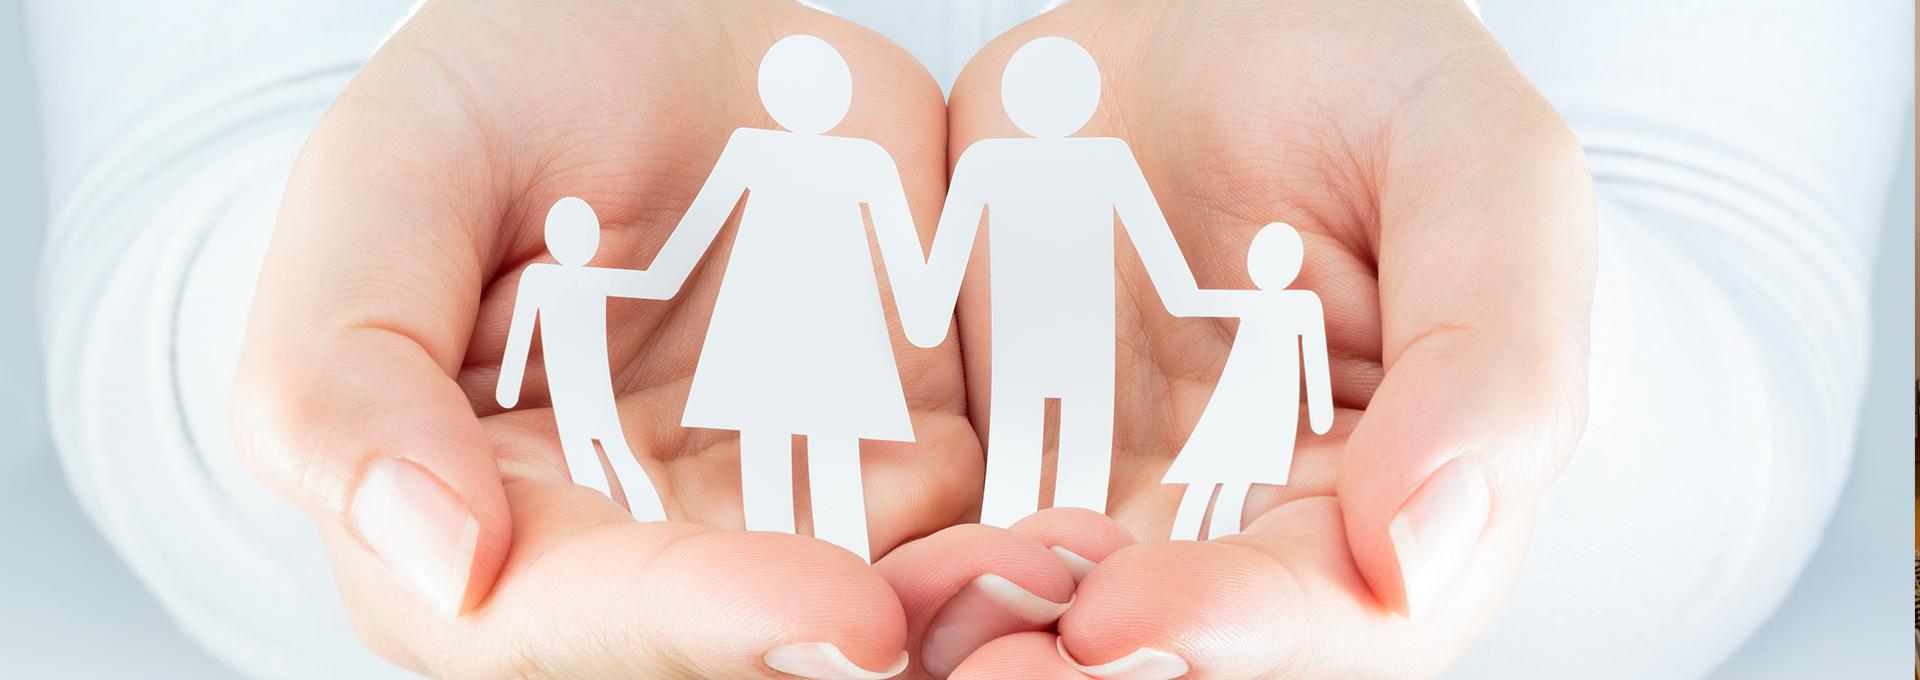 Serviço de Apoio a Família da União Freguesias de A-dos-Cunhados e Maceira